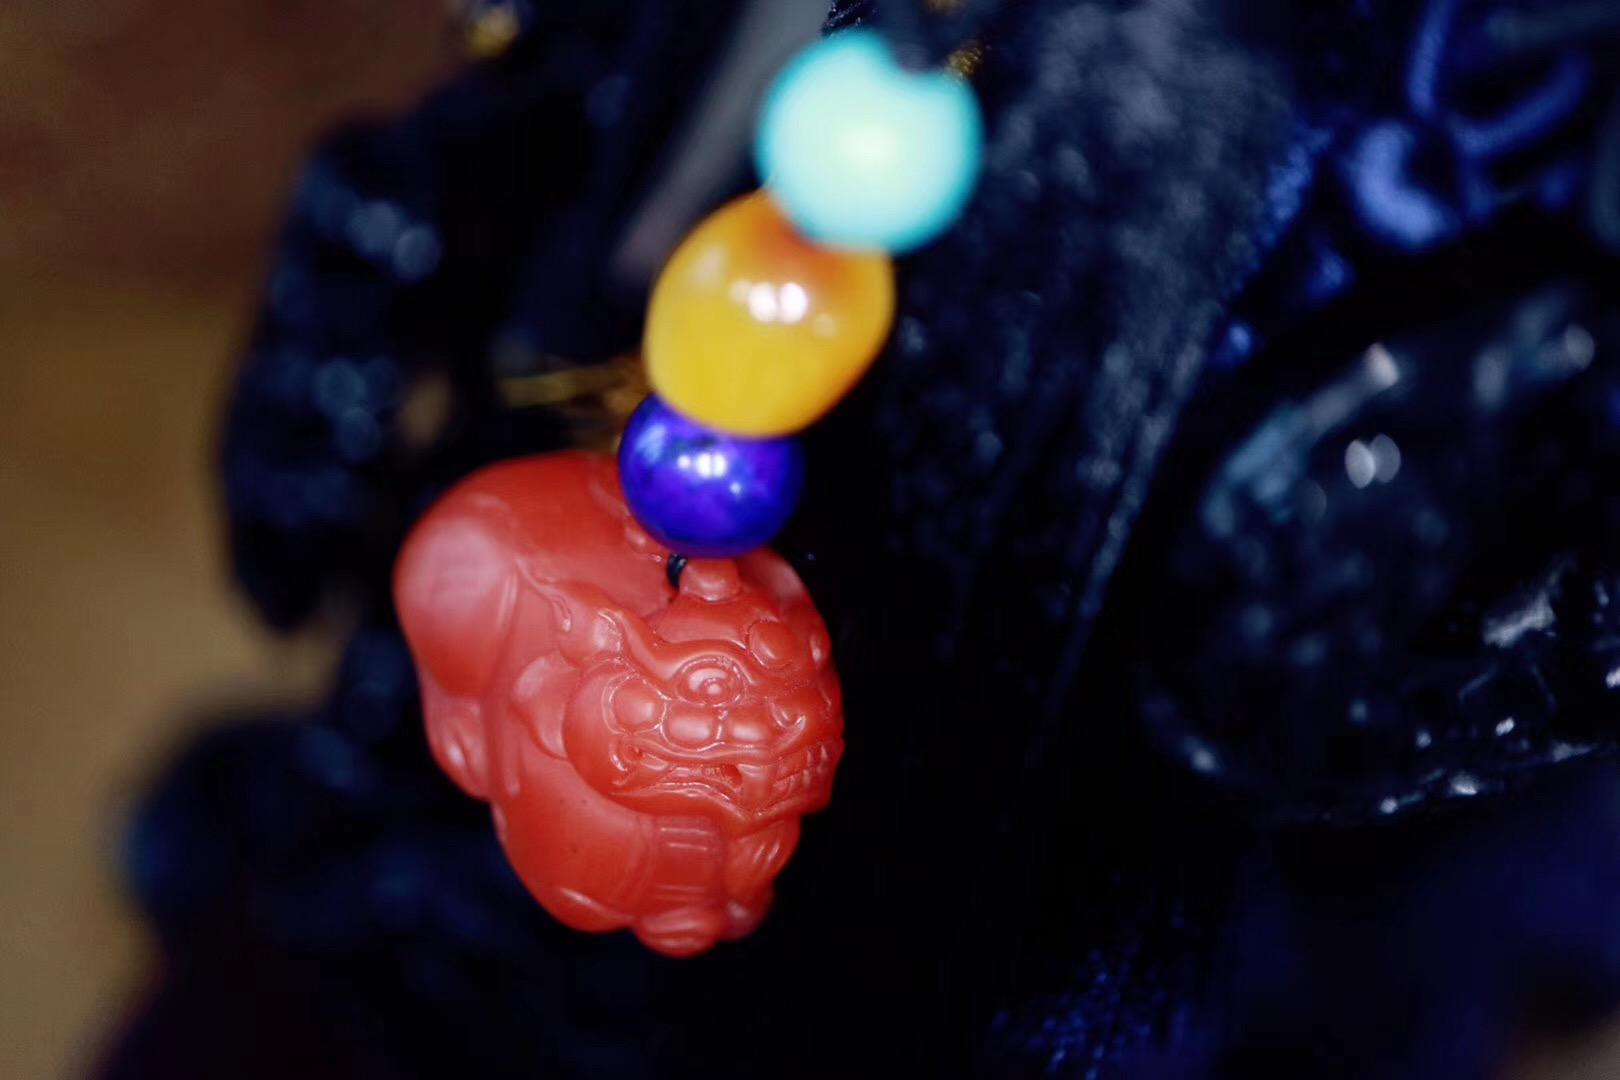 【菩心 | 南红百搭挂件】一方南红玉,自有一番鸿运在心头-菩心晶舍